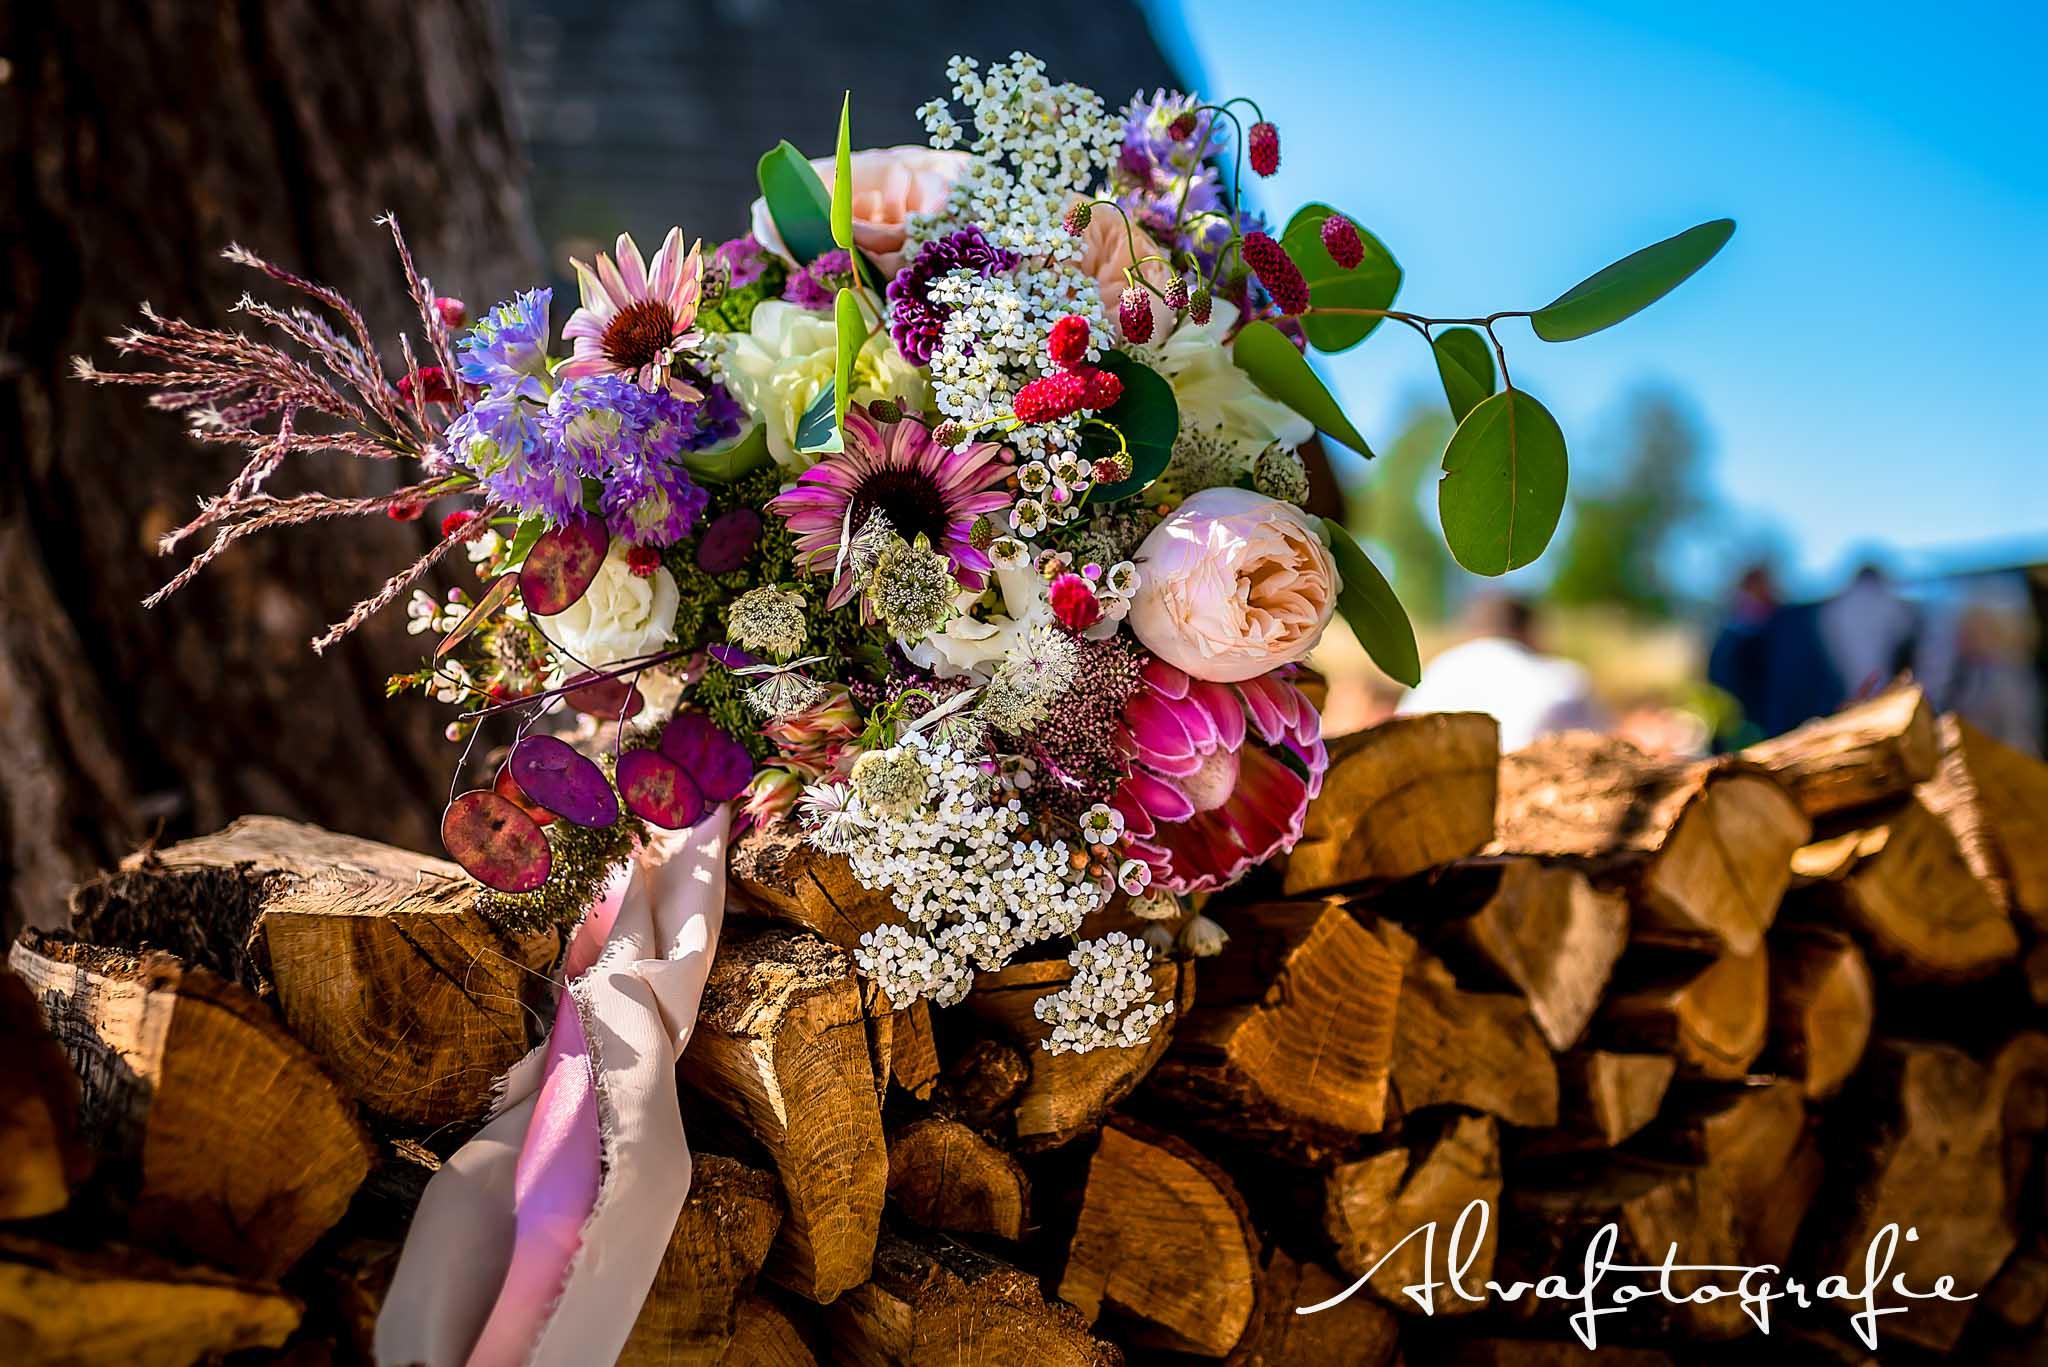 Bruiloft Maren en Tim Alvafotografie bruidsboeket